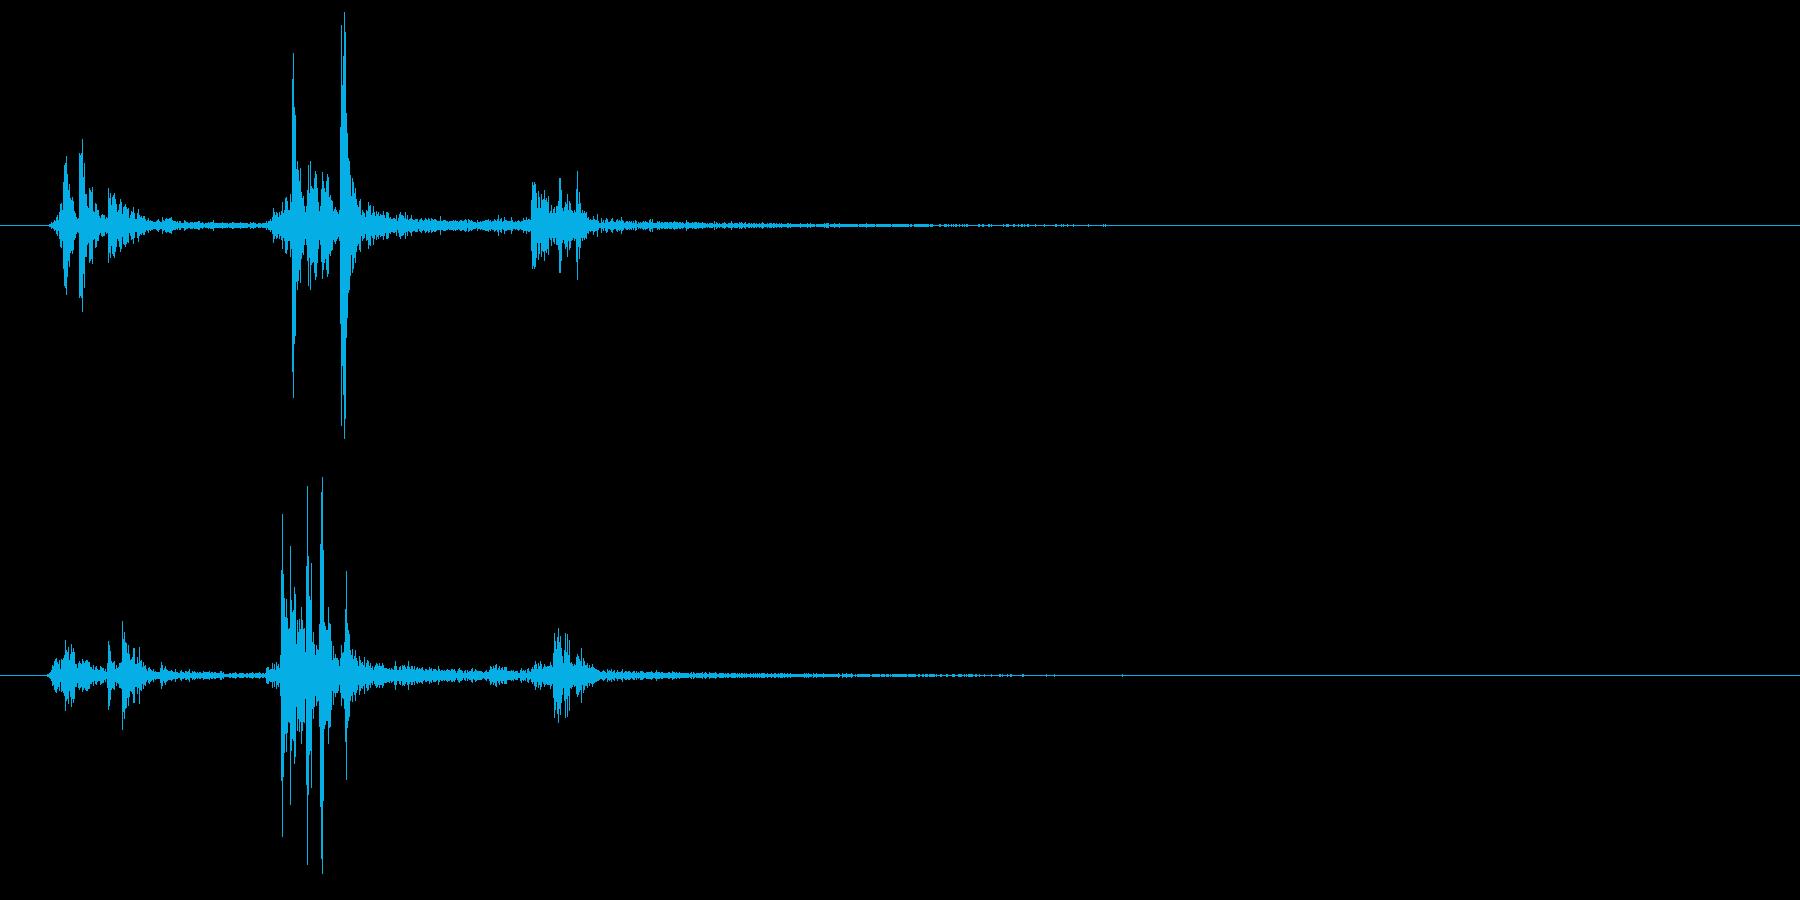 【カチャッ】扉の鍵をかける音【施錠】の再生済みの波形